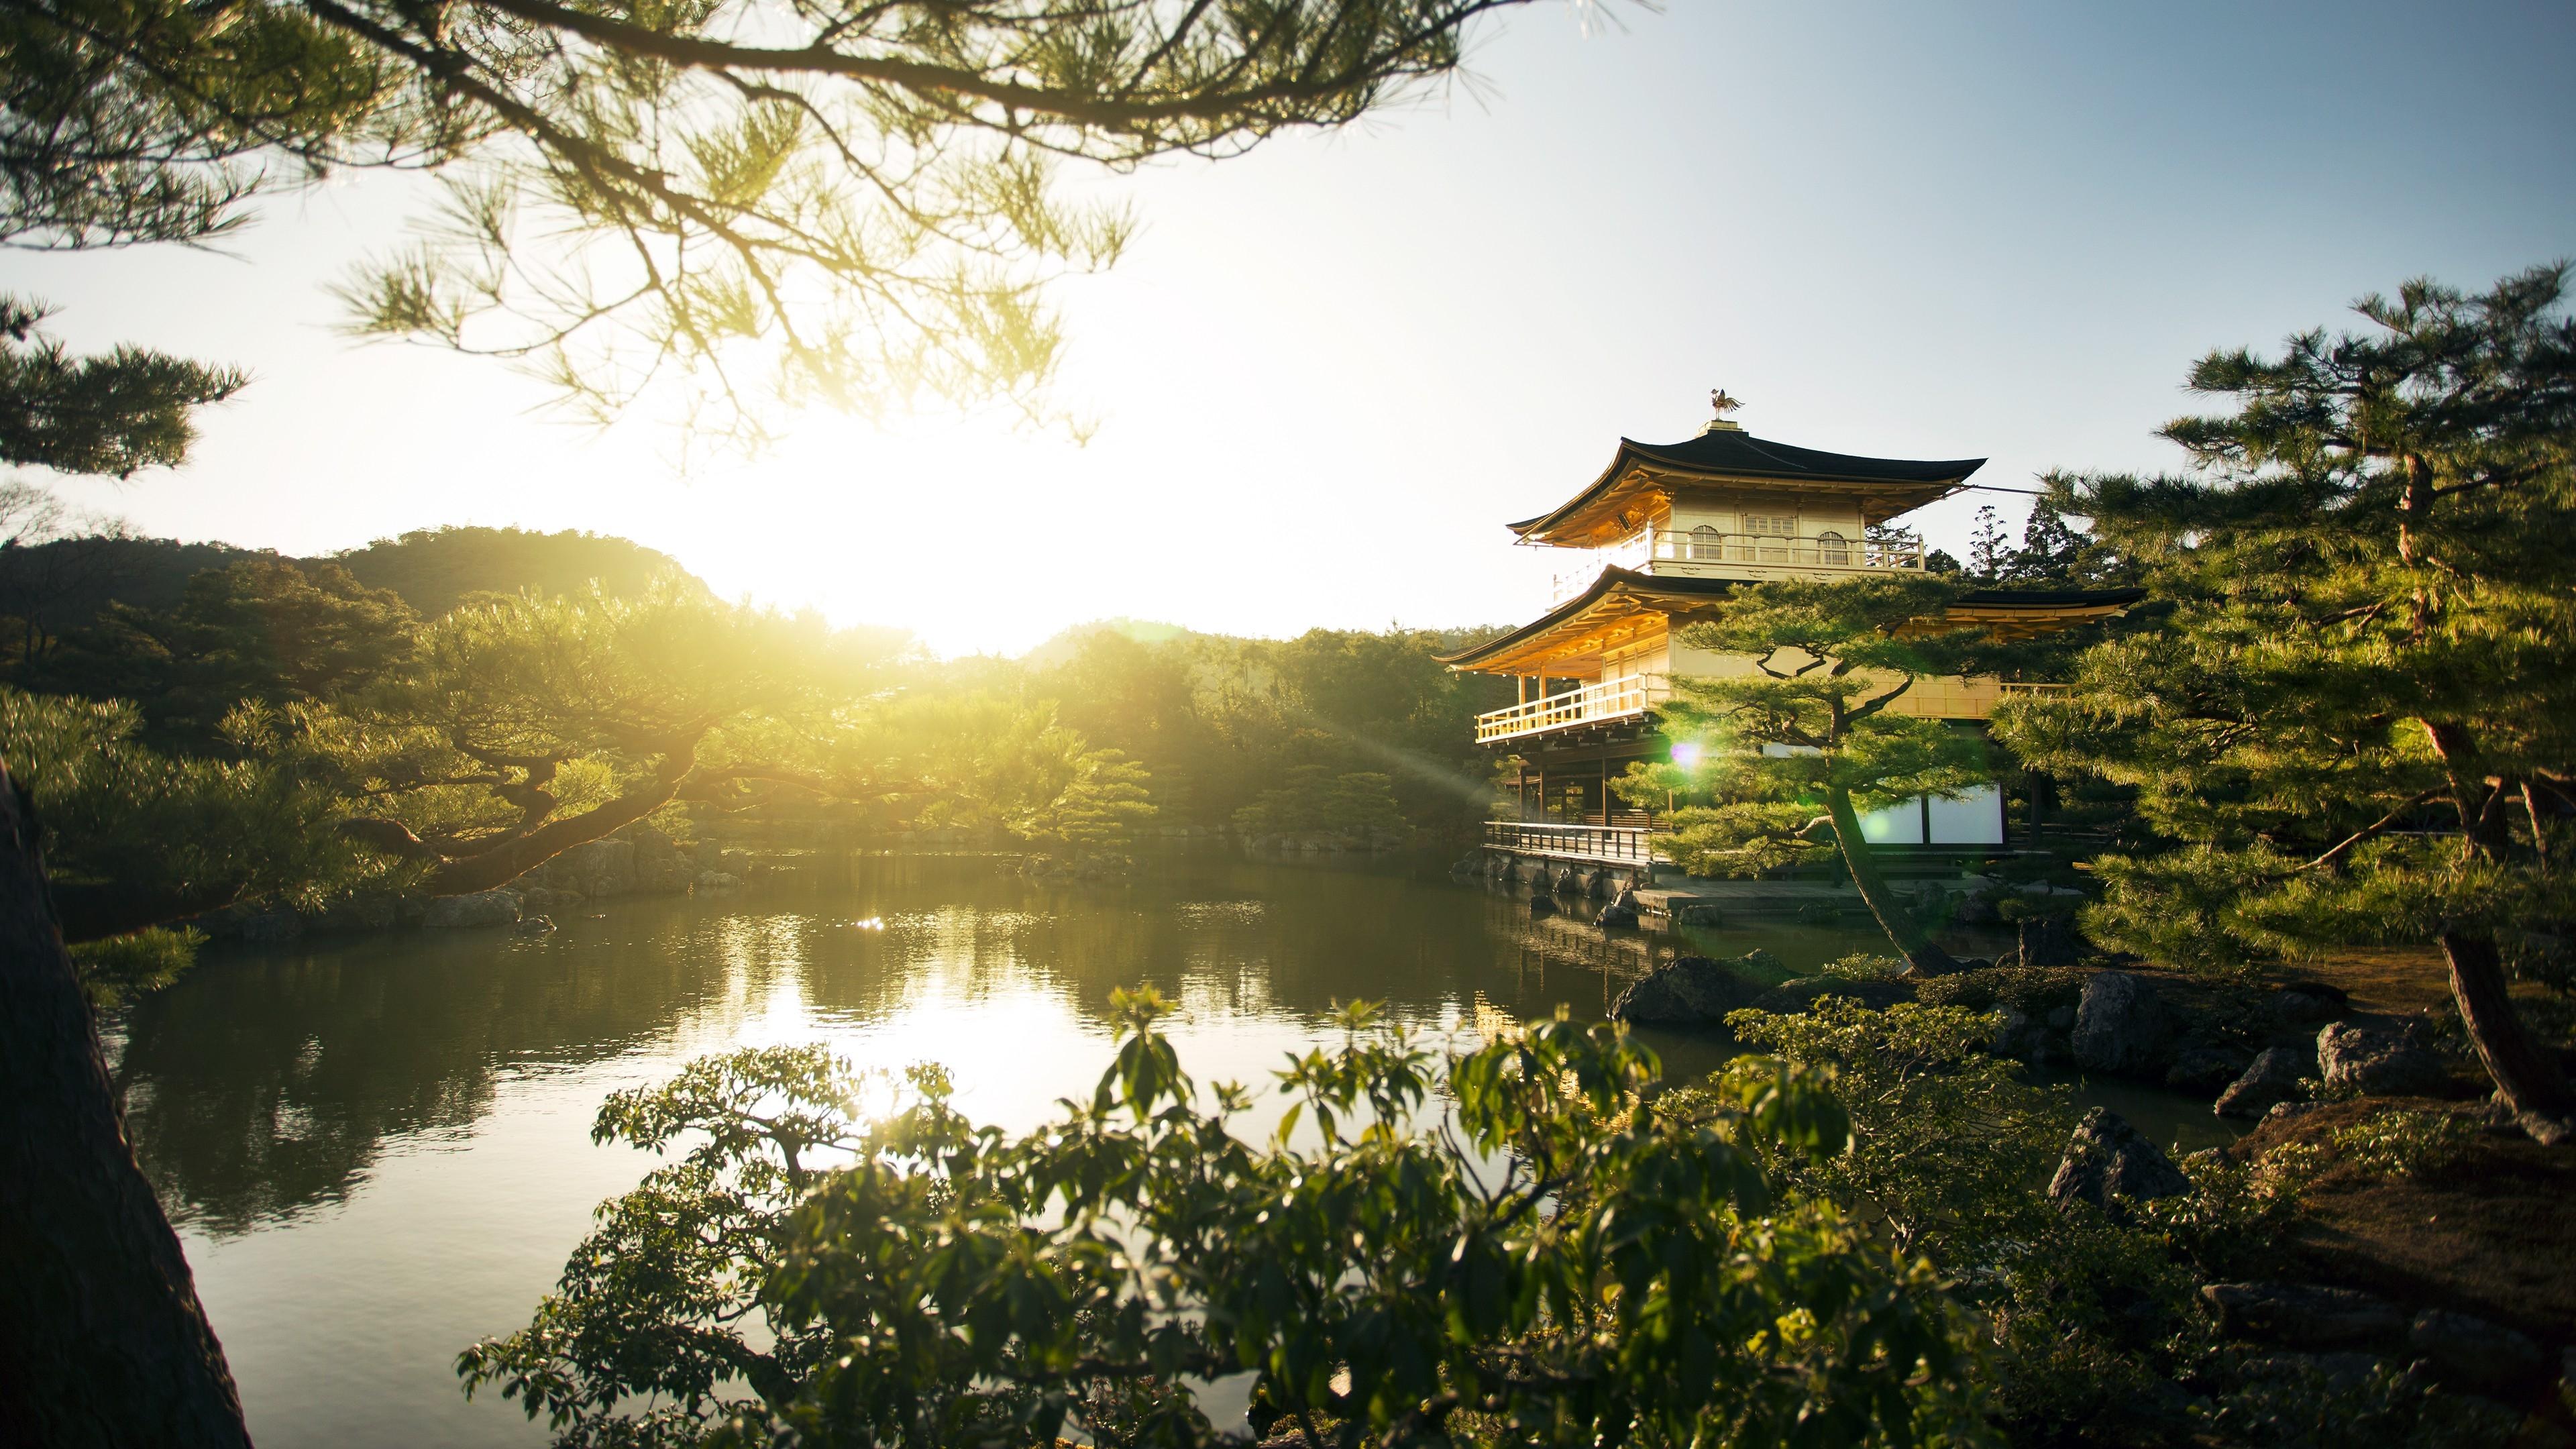 japan wallpapers widescreen - wallpapersafari